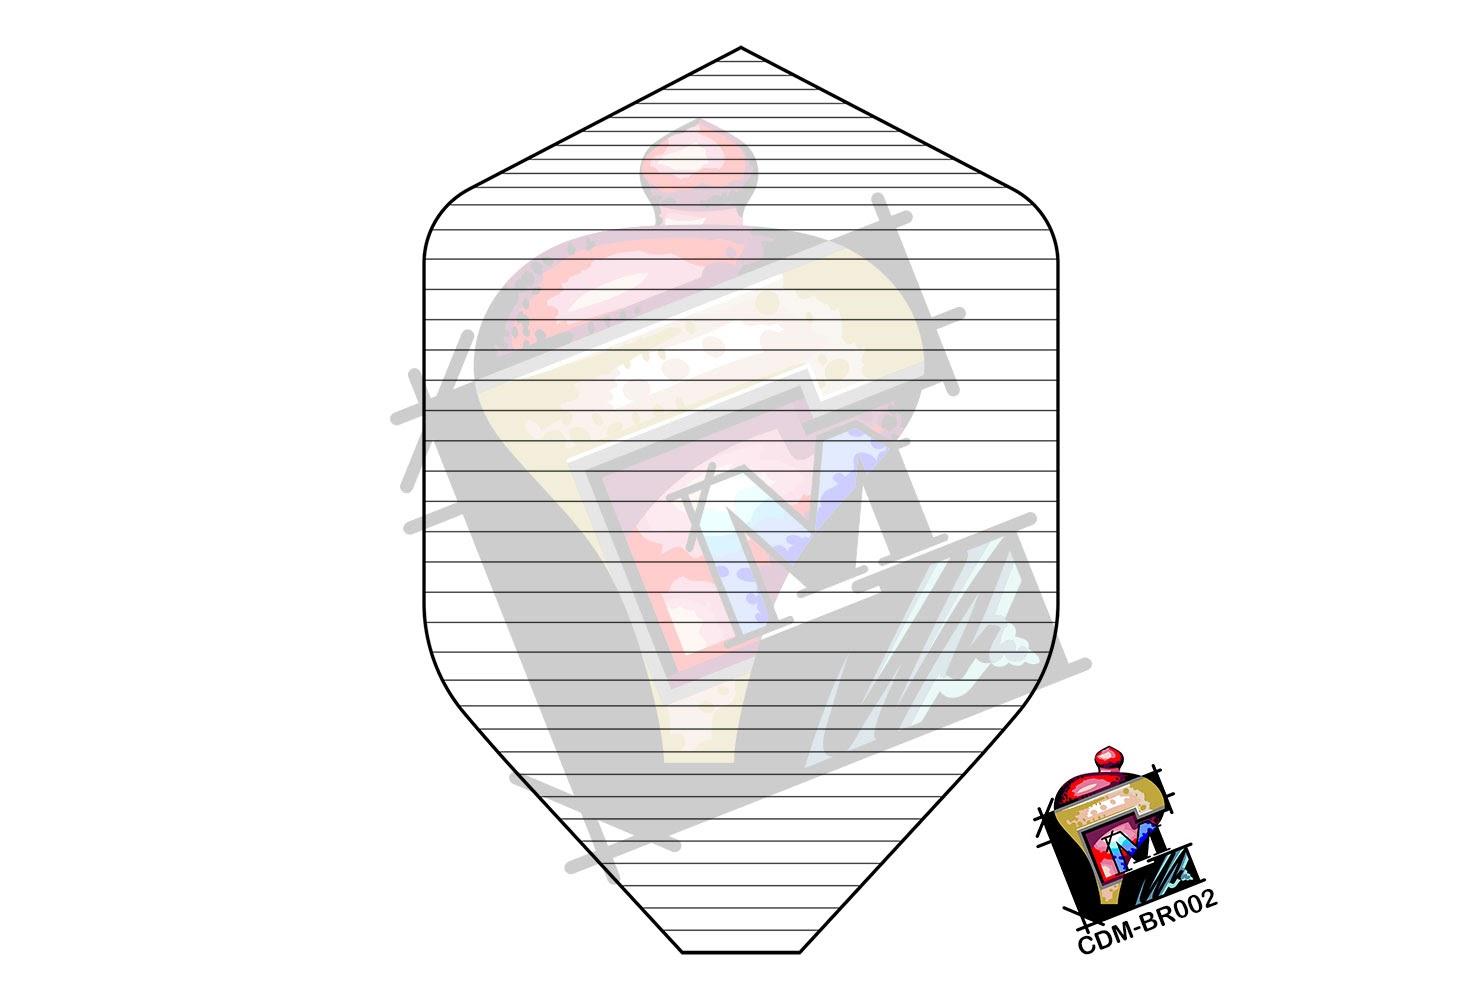 CDM-BR002-14092012 - Pontos